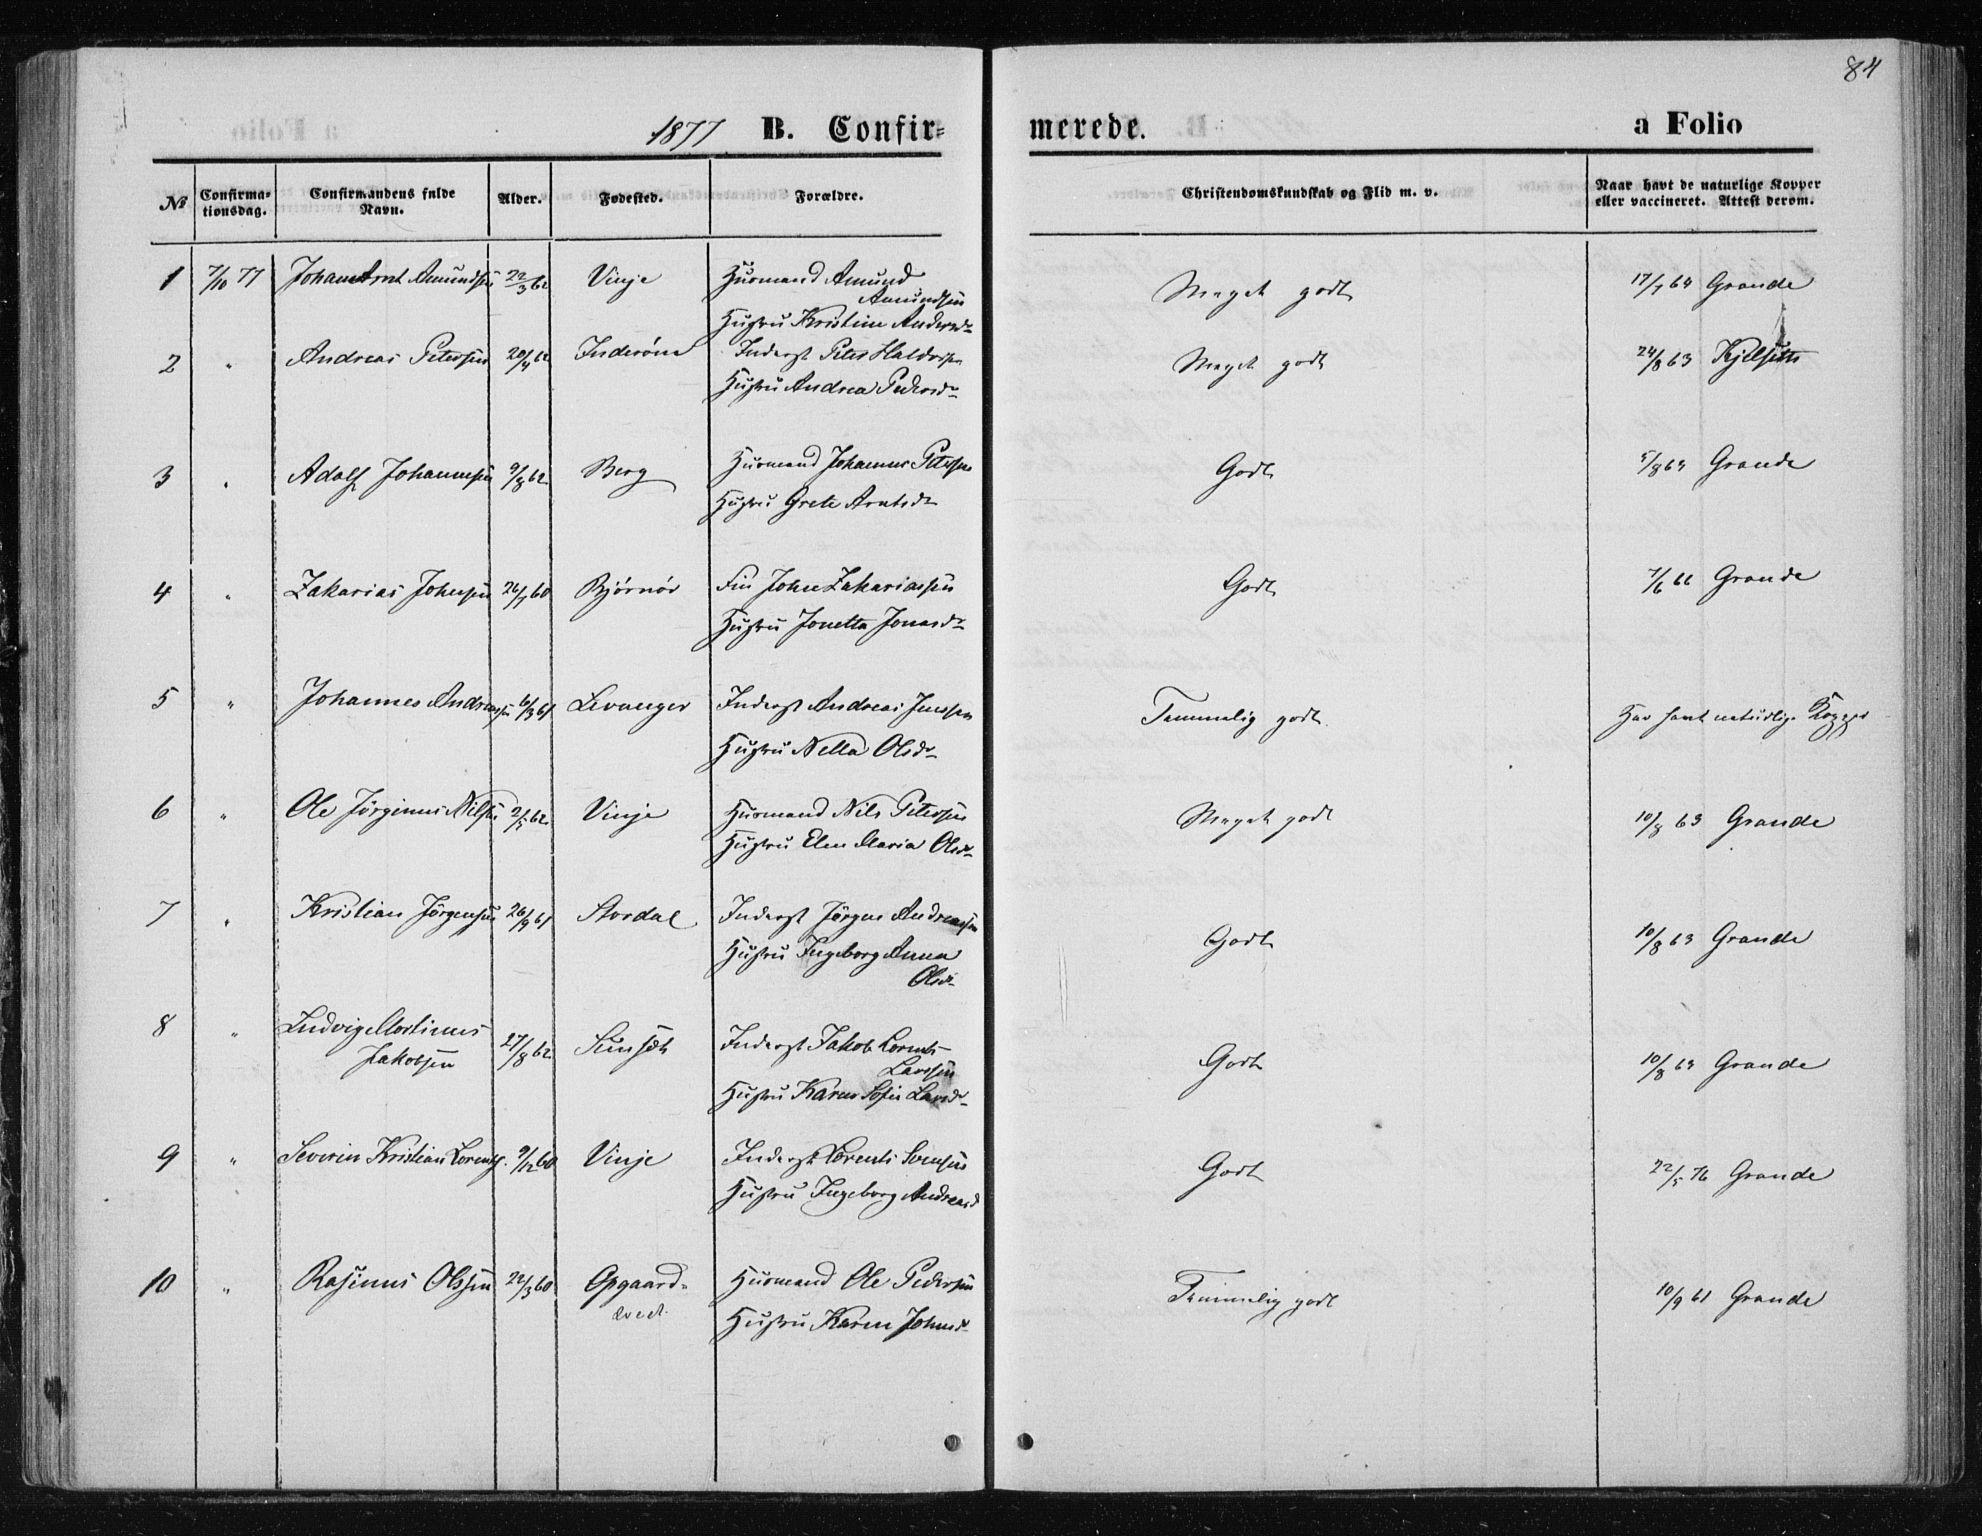 SAT, Ministerialprotokoller, klokkerbøker og fødselsregistre - Nord-Trøndelag, 733/L0324: Ministerialbok nr. 733A03, 1870-1883, s. 84